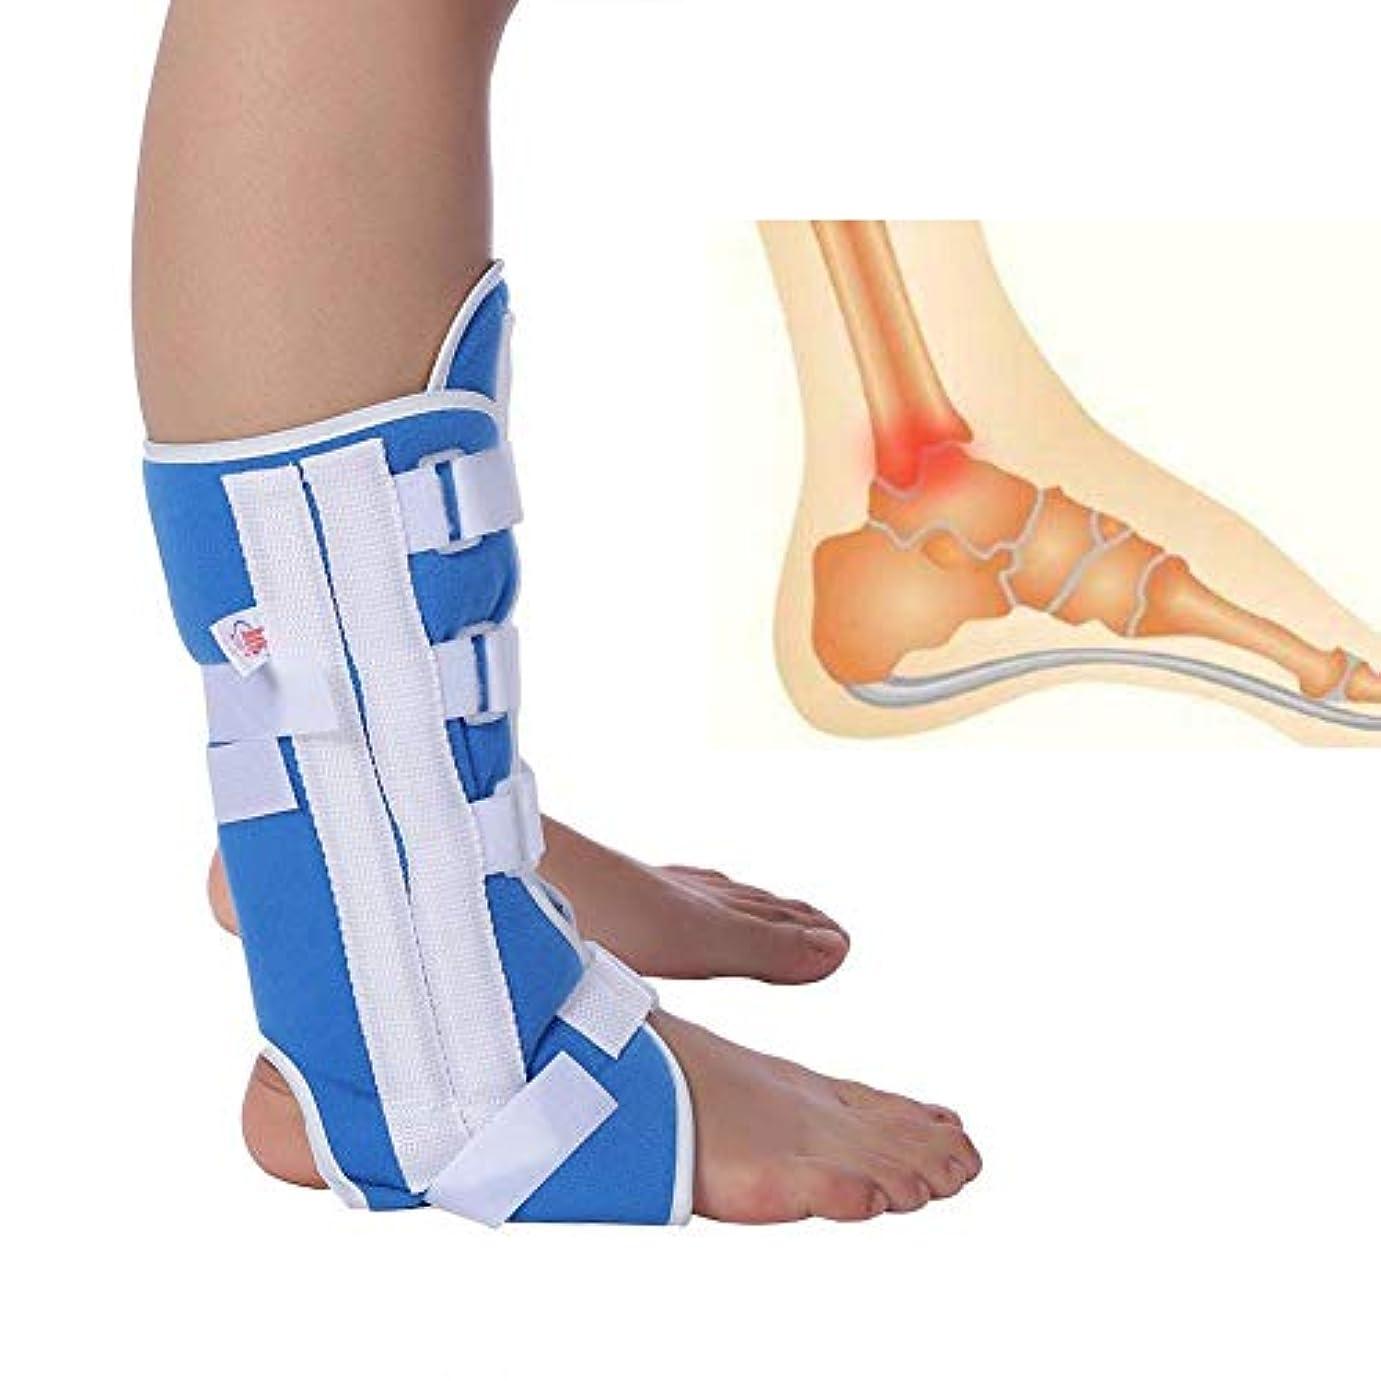 そんなにでブラケット足首関節の外部固定、調整可能な関節保護足首ストラップ装具捻rainストラップフットブレースサポート痛み緩和保護ブレース,M